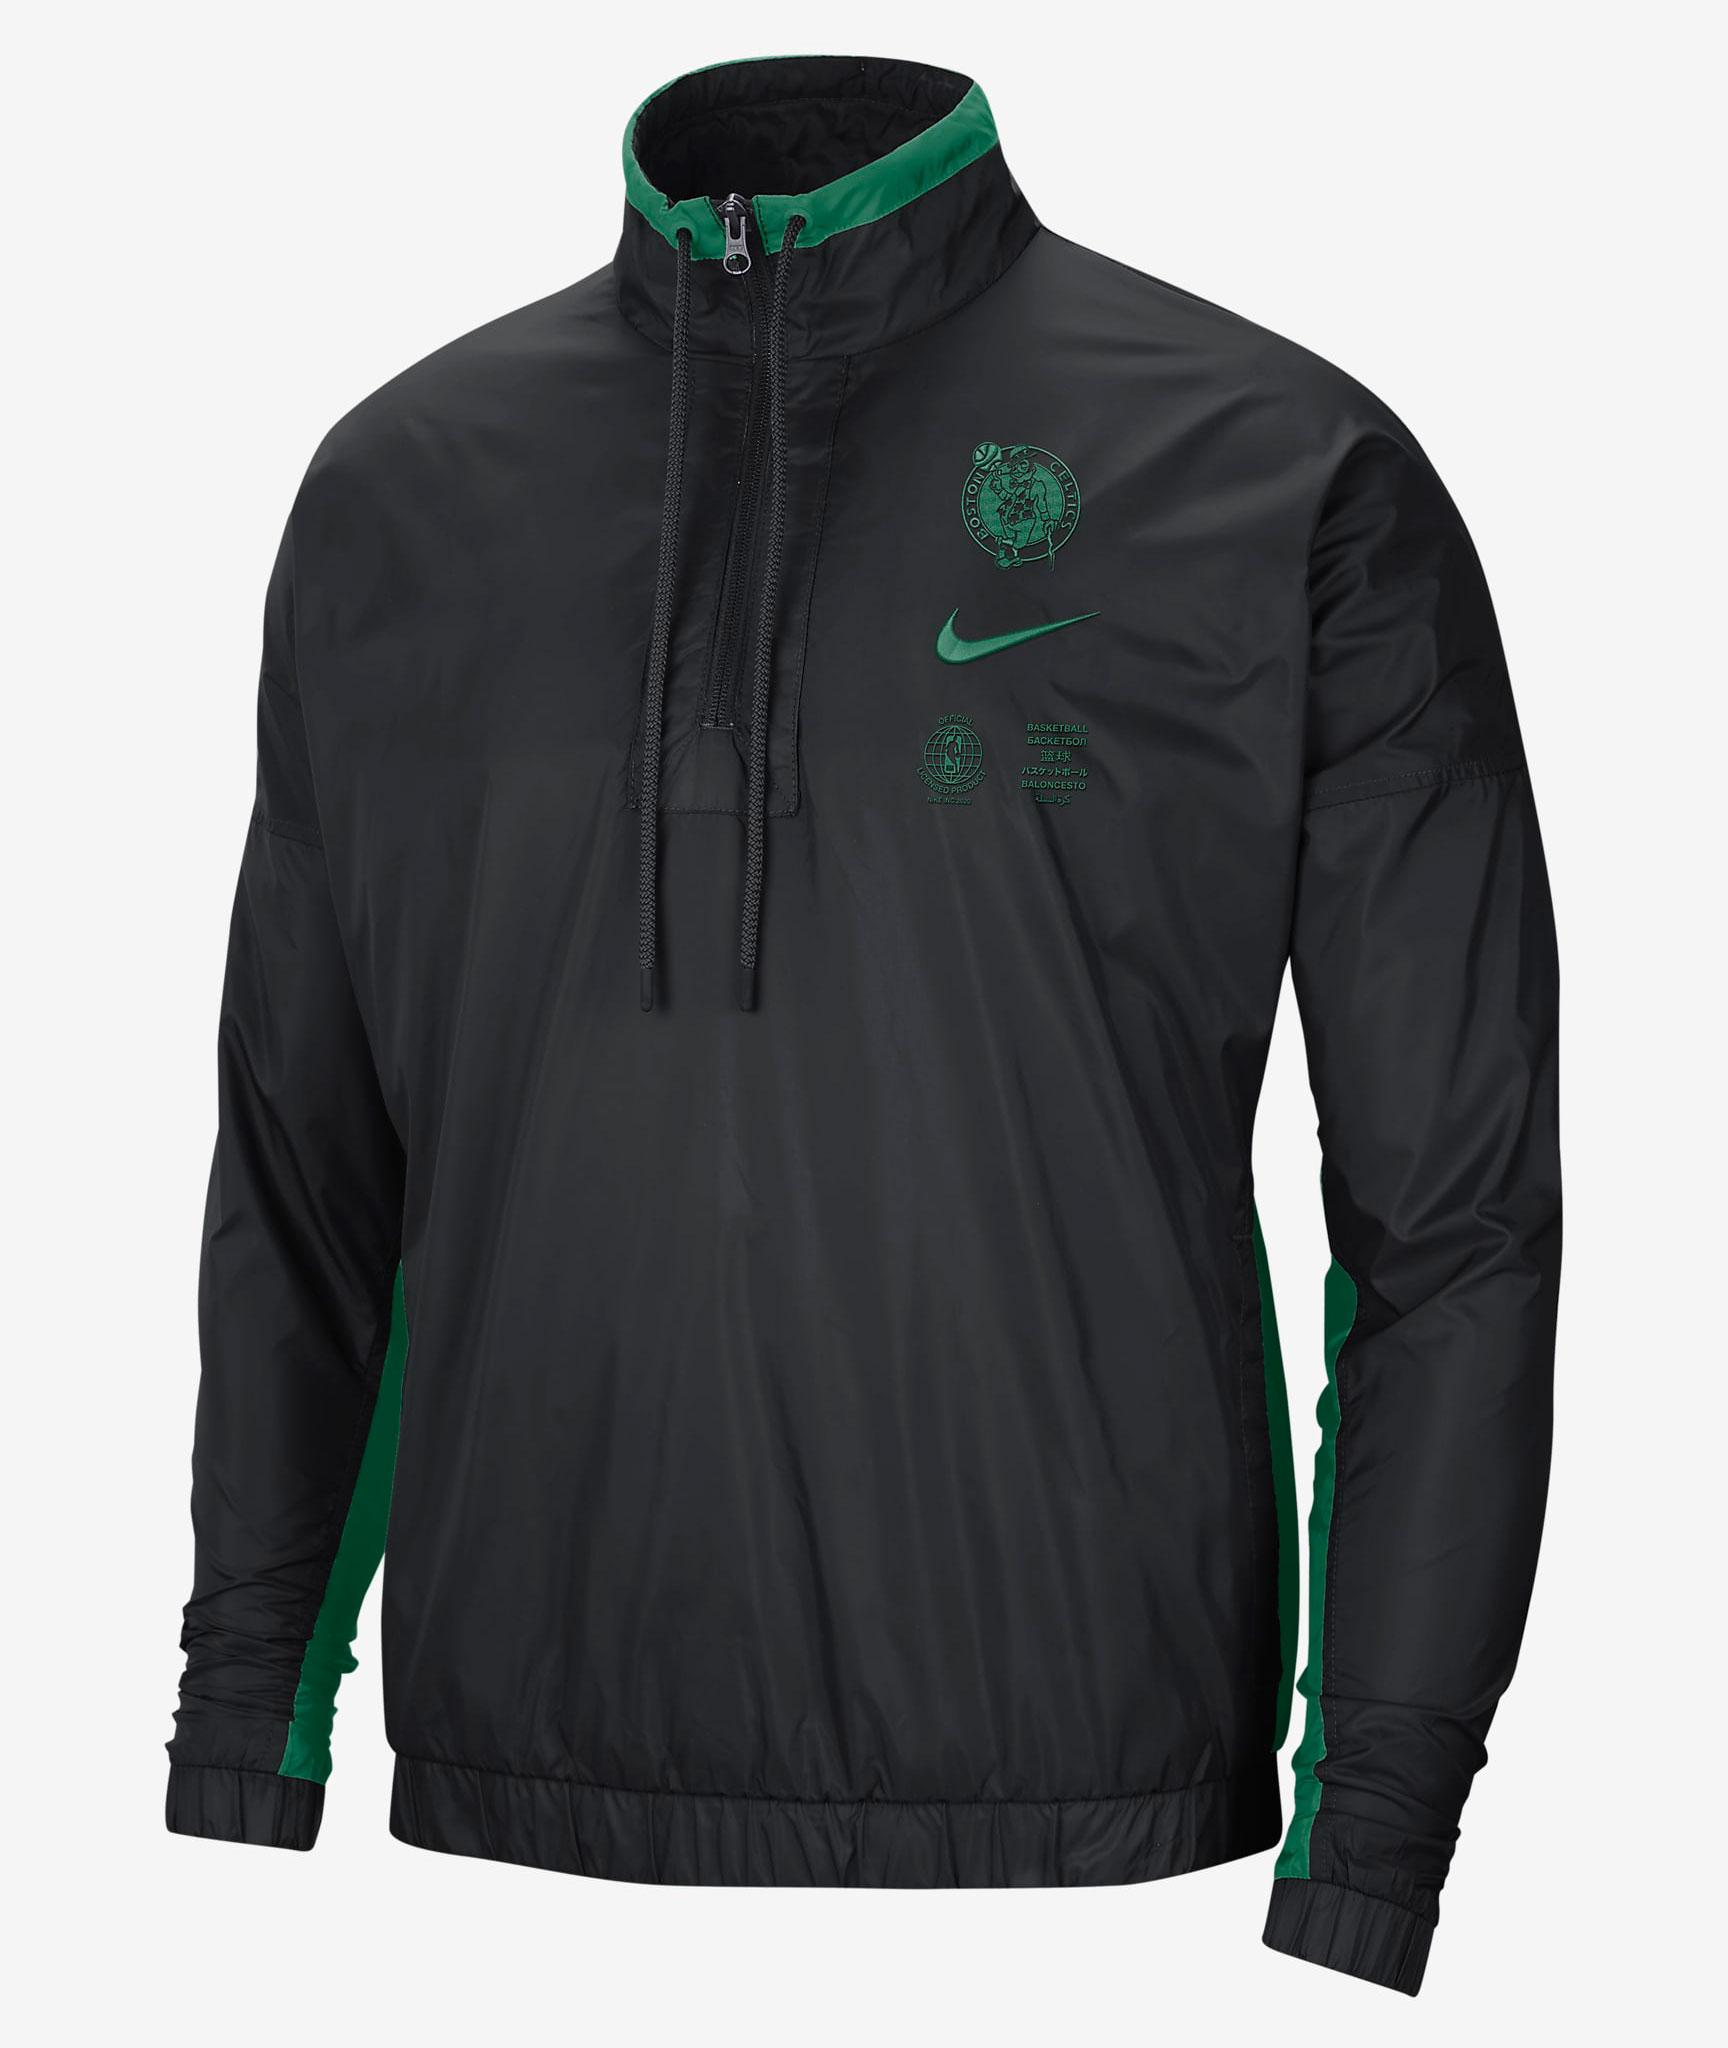 jordan-13-lucky-green-celtics-nike-nba-track-jacket